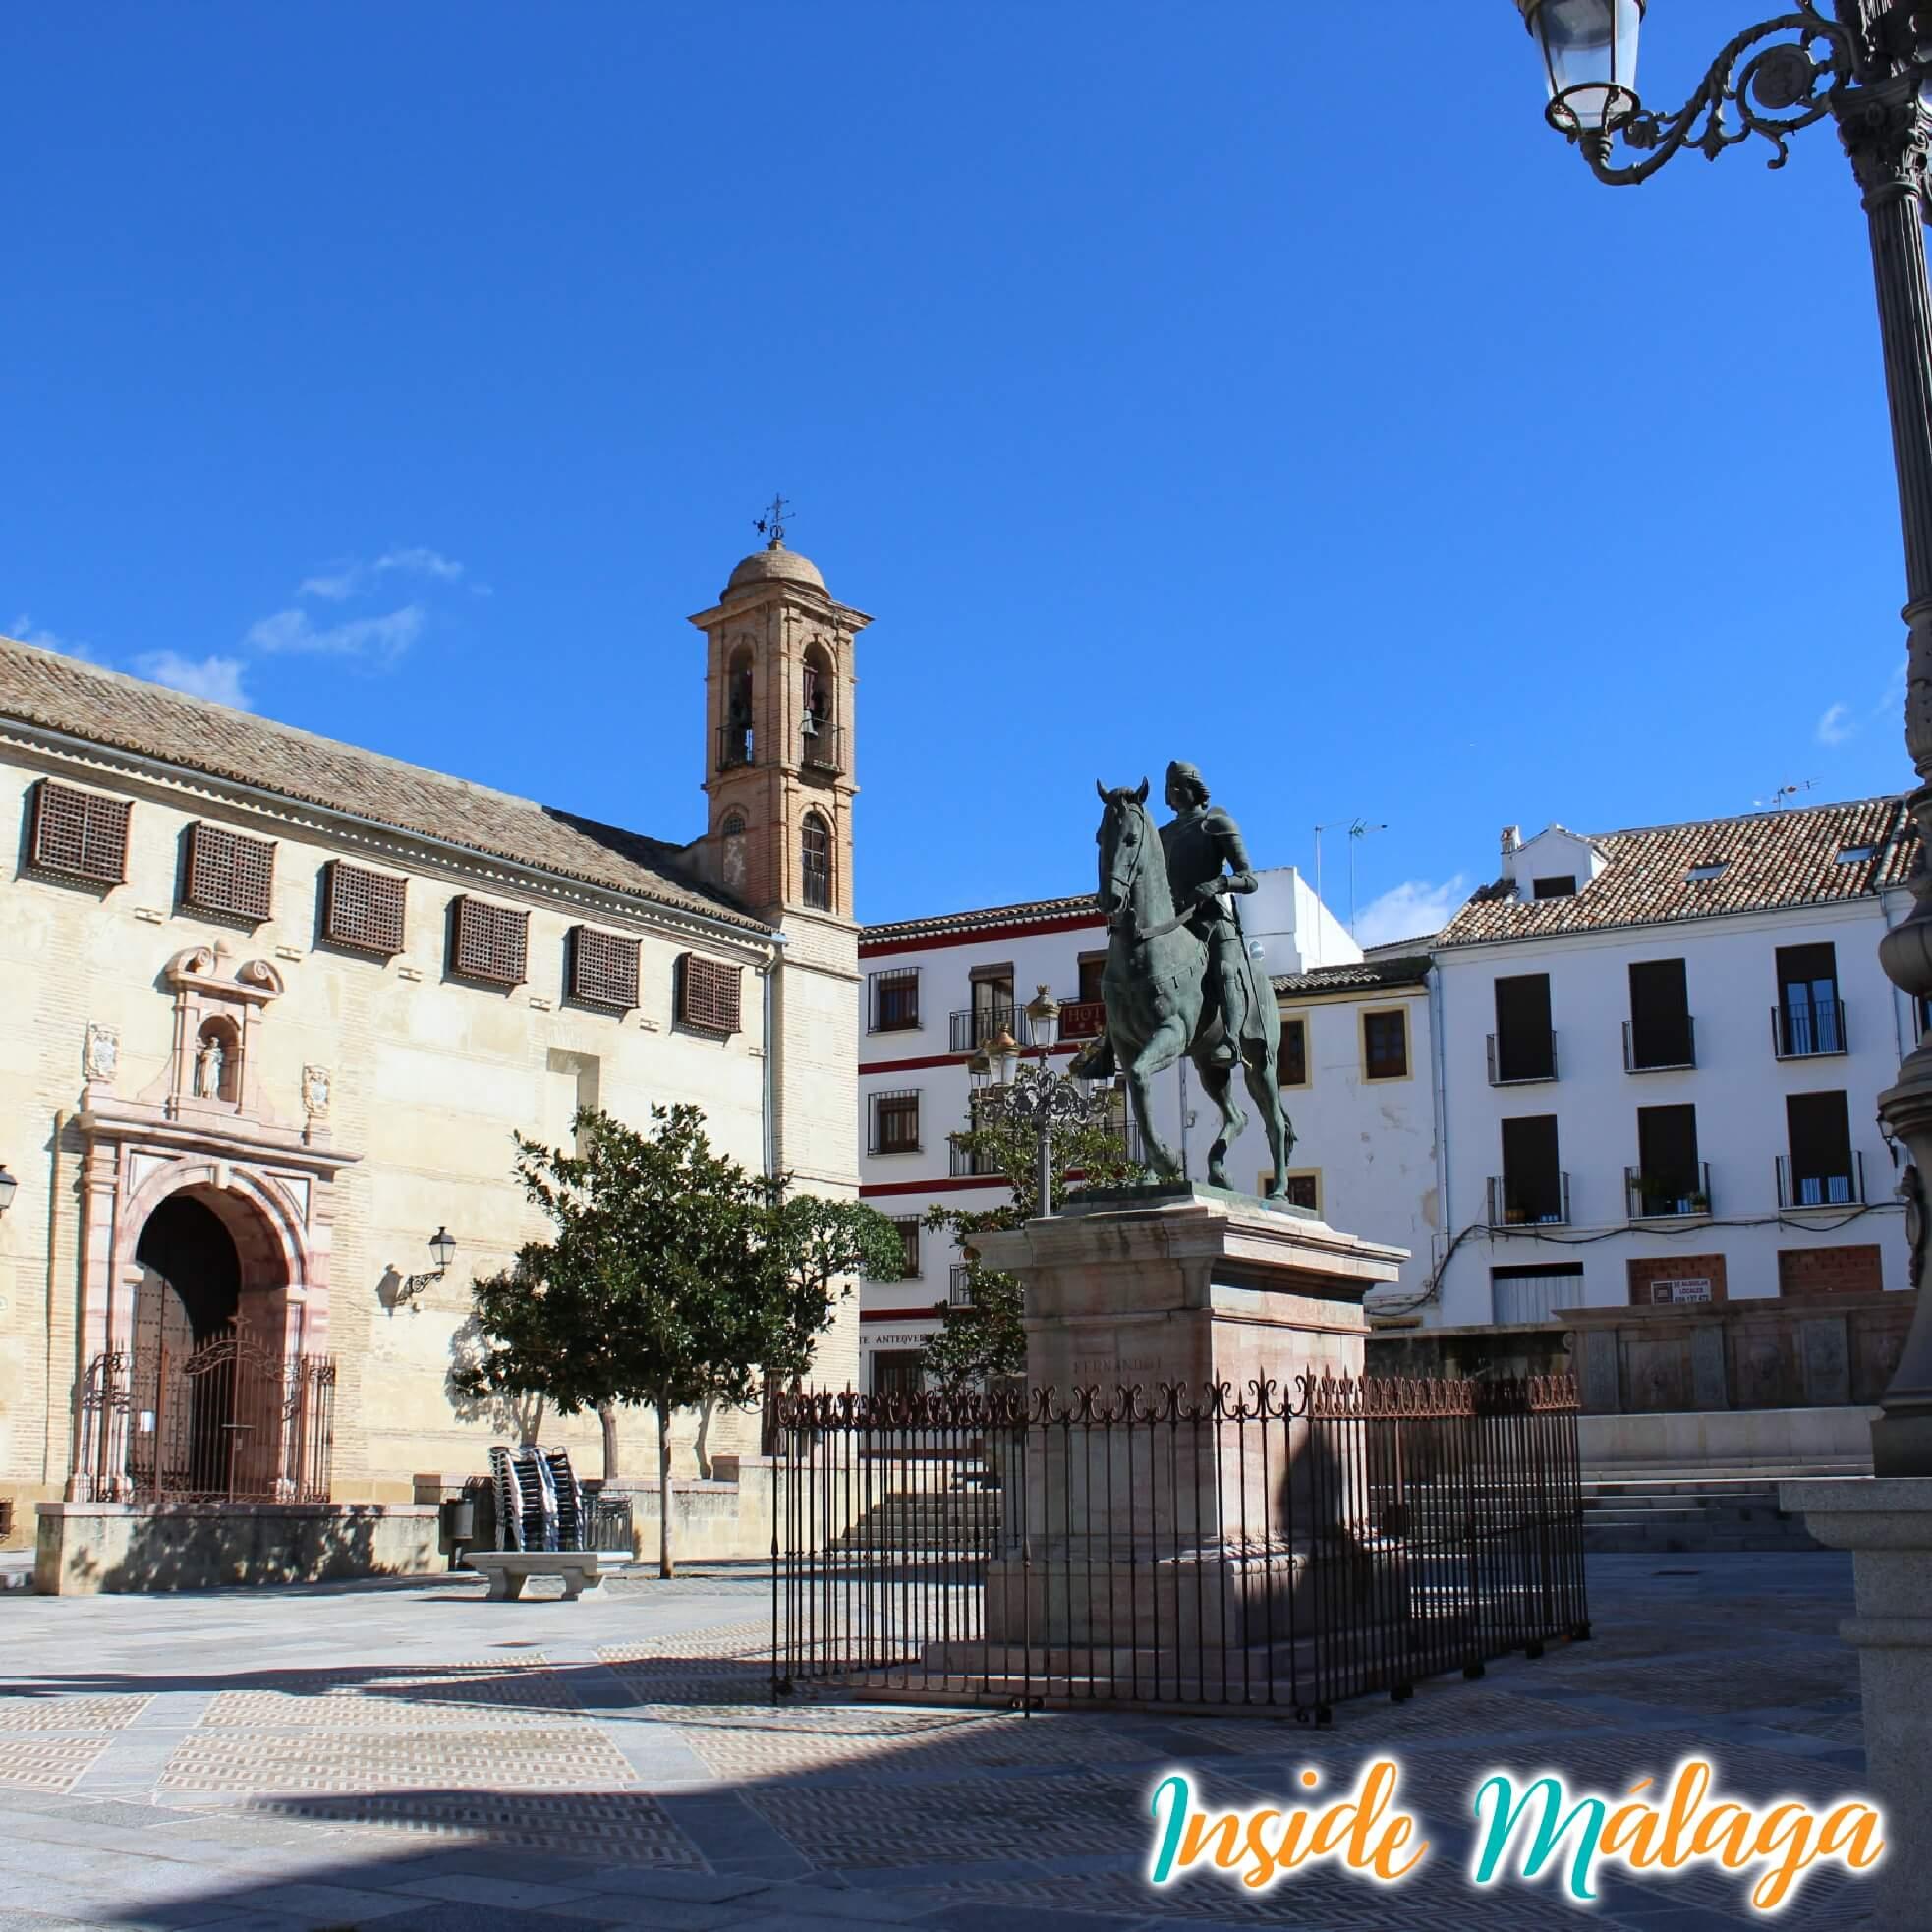 Plaza del Coso Viejo Antequera